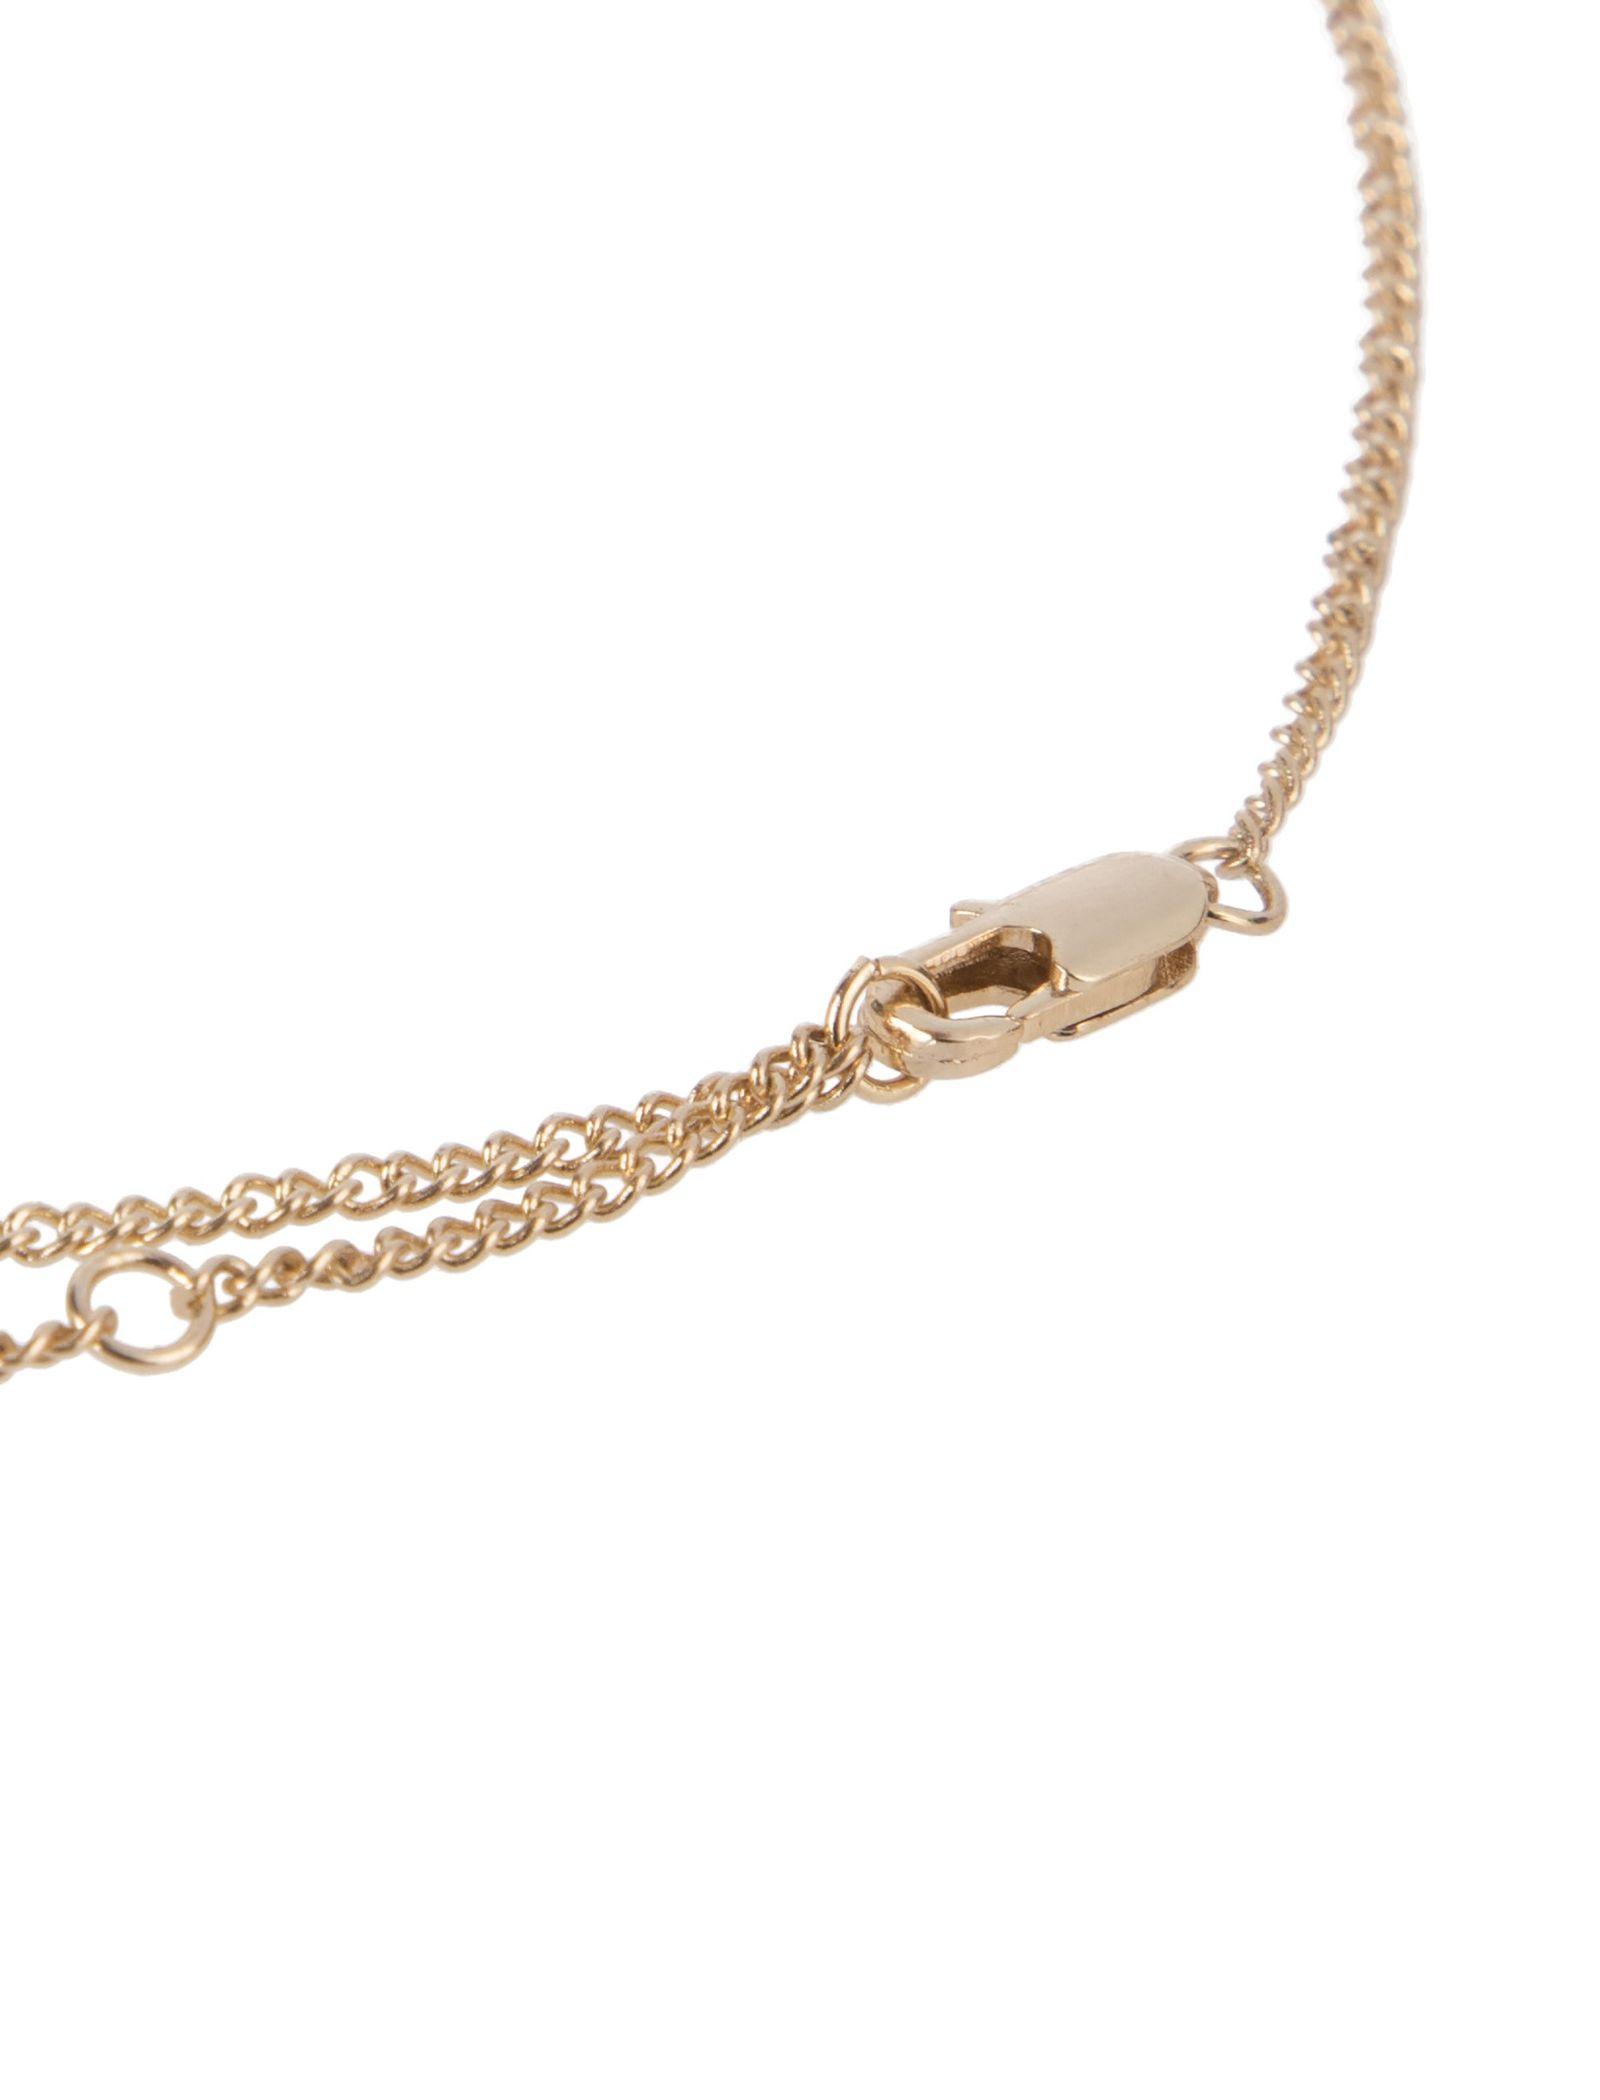 گردنبند آویز زنانه - پی سز - طلايي - 3